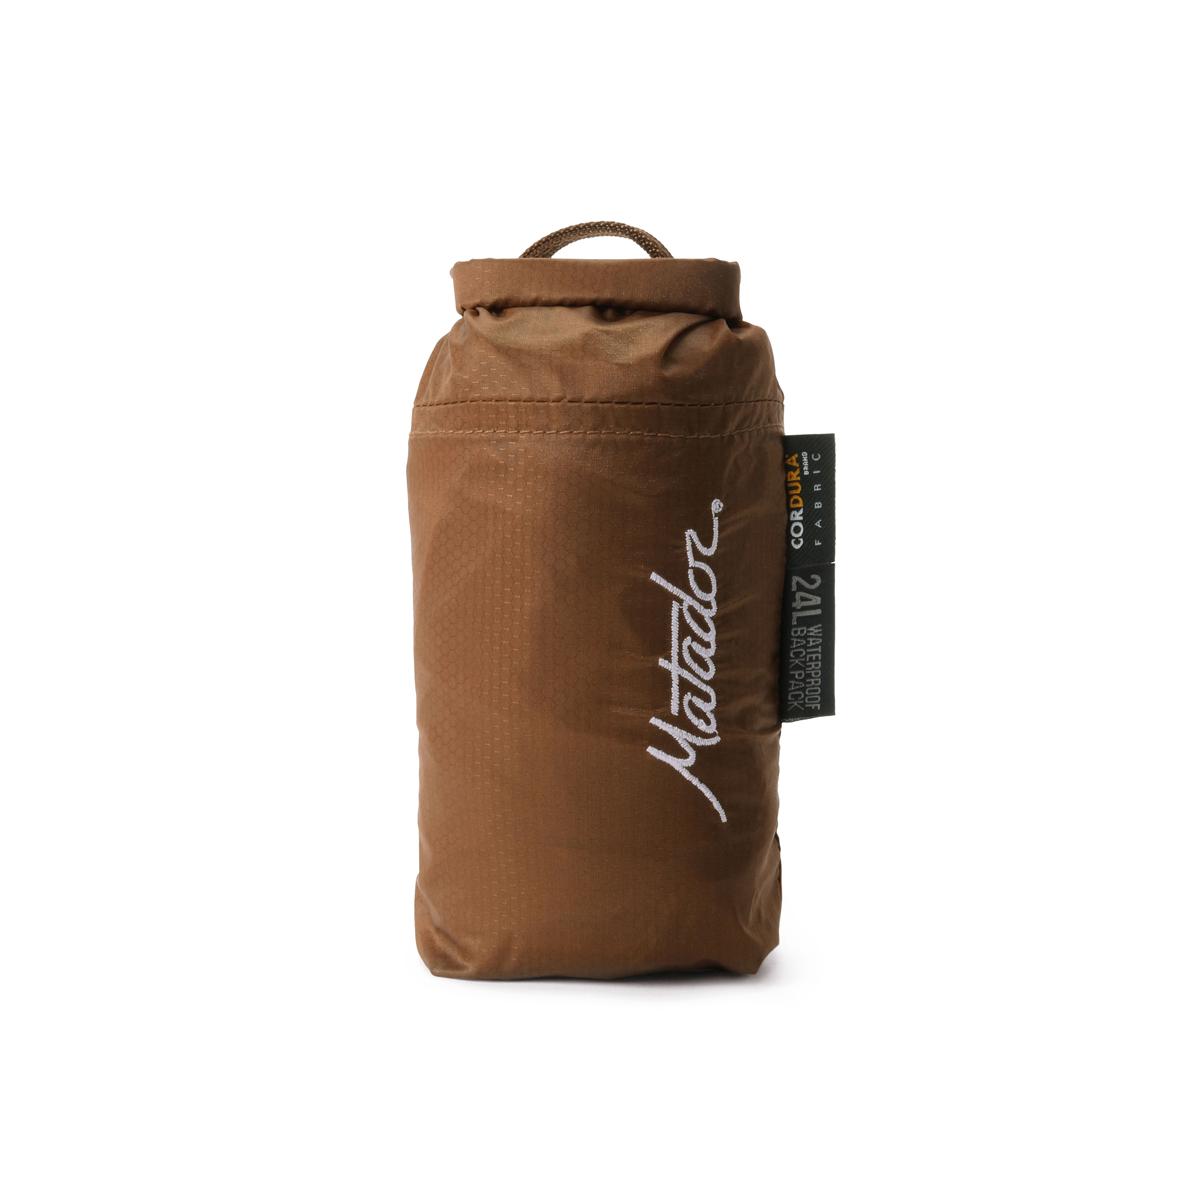 コンパクトだから、いつもの通勤バッグやオフィスのデスクに忍ばせて、いざという時に備える防災グッズとしてもおすすめのバックパック|Matador Freerain24 2.0